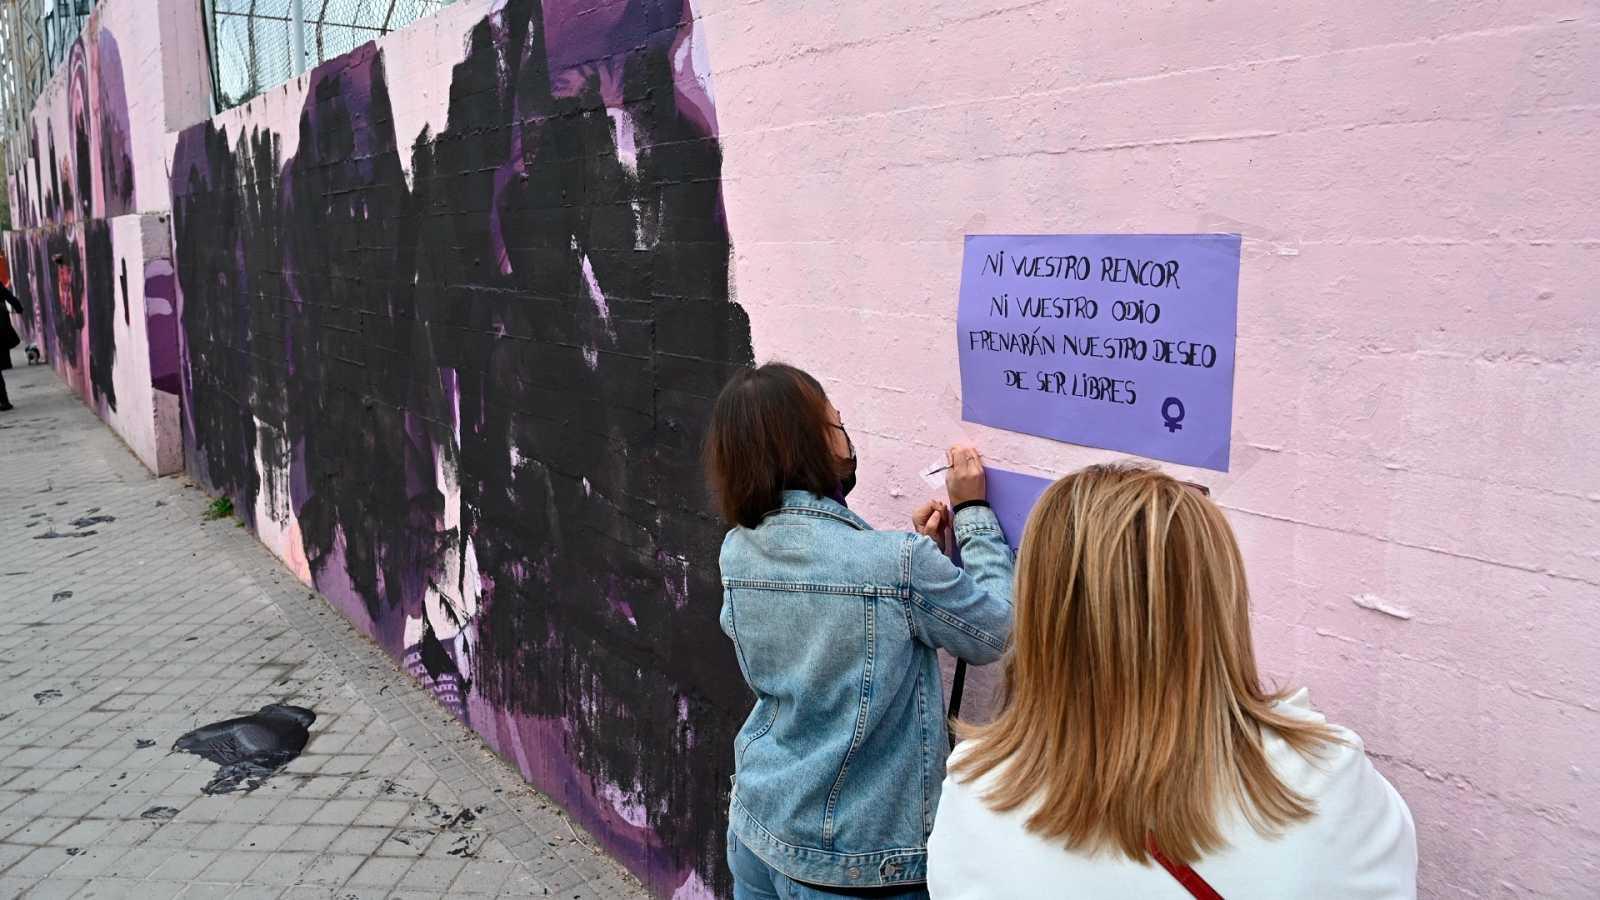 El mural feminista de Ciudad Lineal, en Madrid, amanece vandalizado